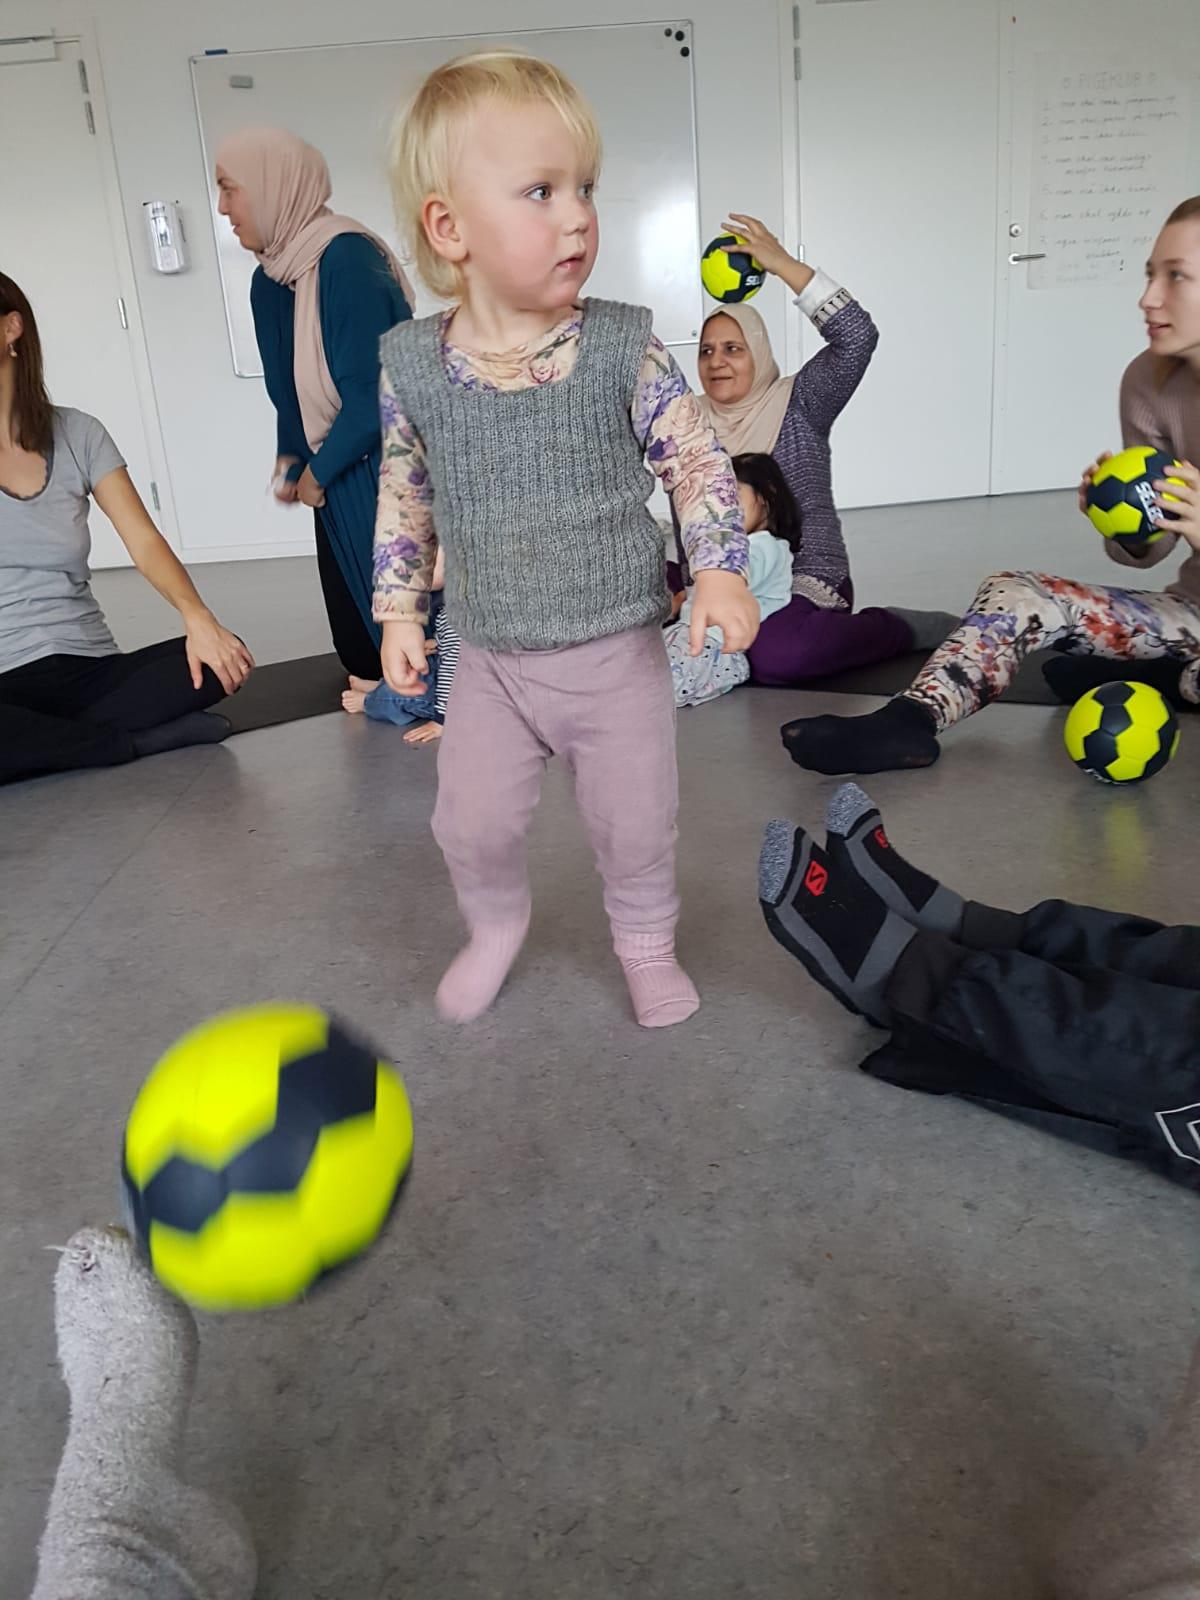 Børn der leget med bolde til Troldebold